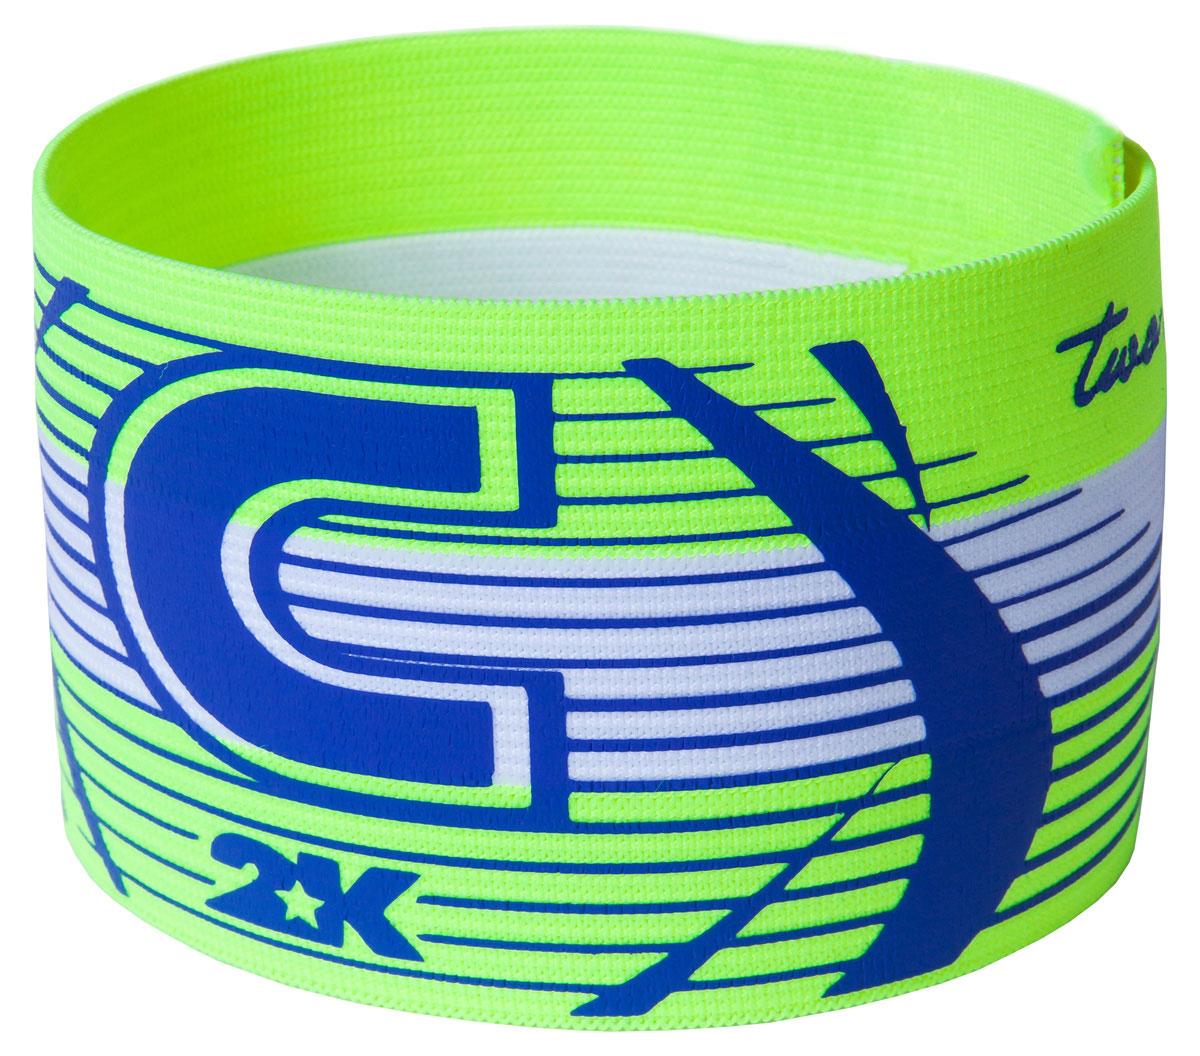 Повязка капитанская 2K Sport Captain, цвет: светло-зеленый, голубой капитанская повязка mitre a4029arf8